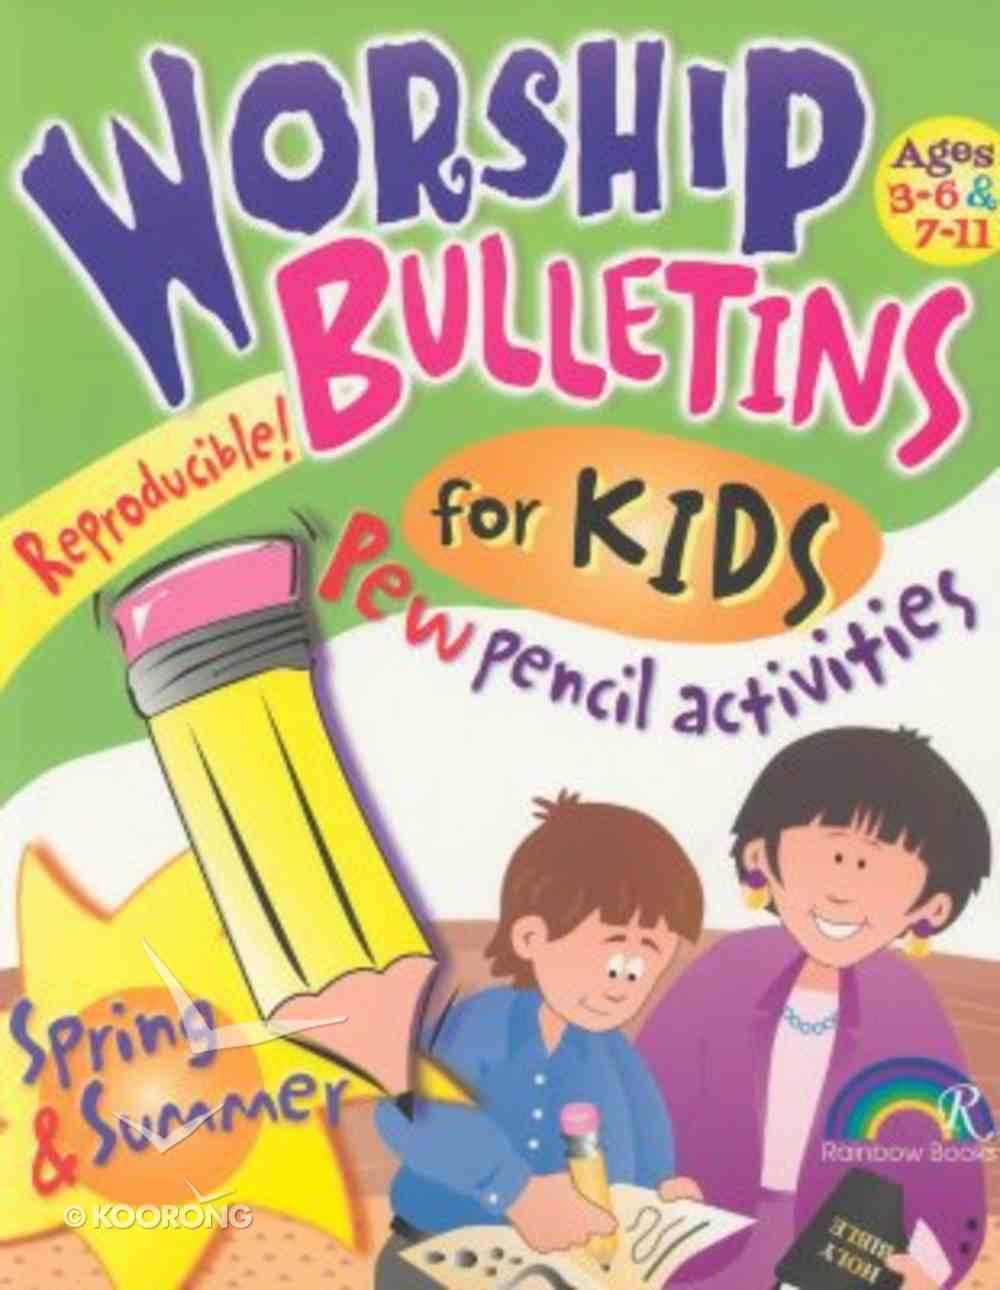 Worship Bulletins For Kids: Spring & Summer Paperback